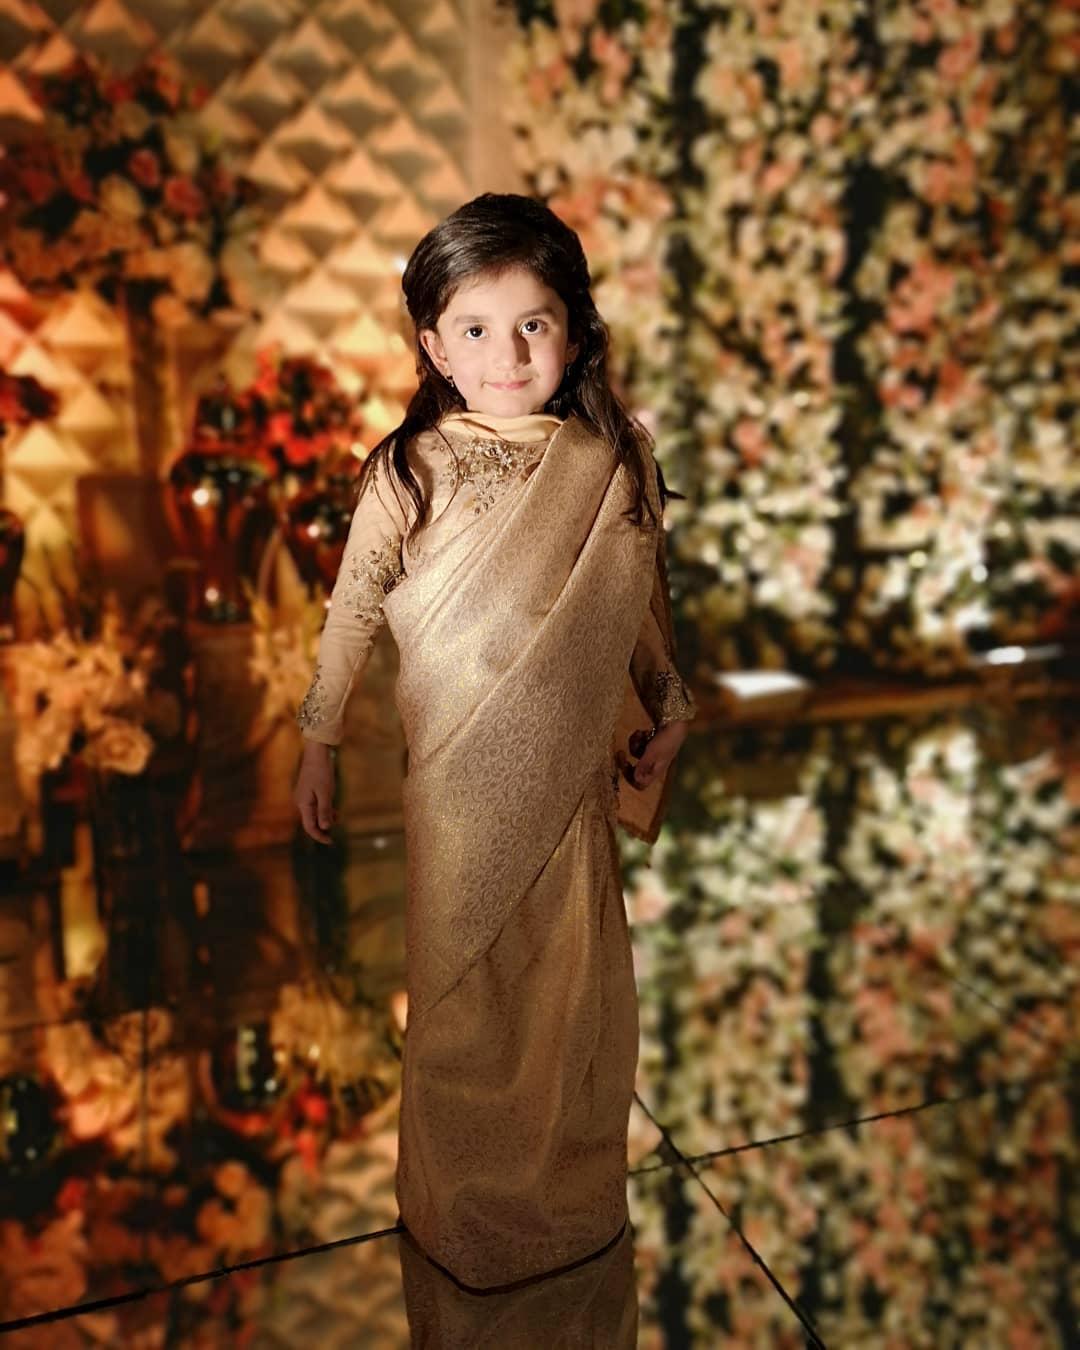 Awesome Photos of Saba Faisal's Son Salman Faisal